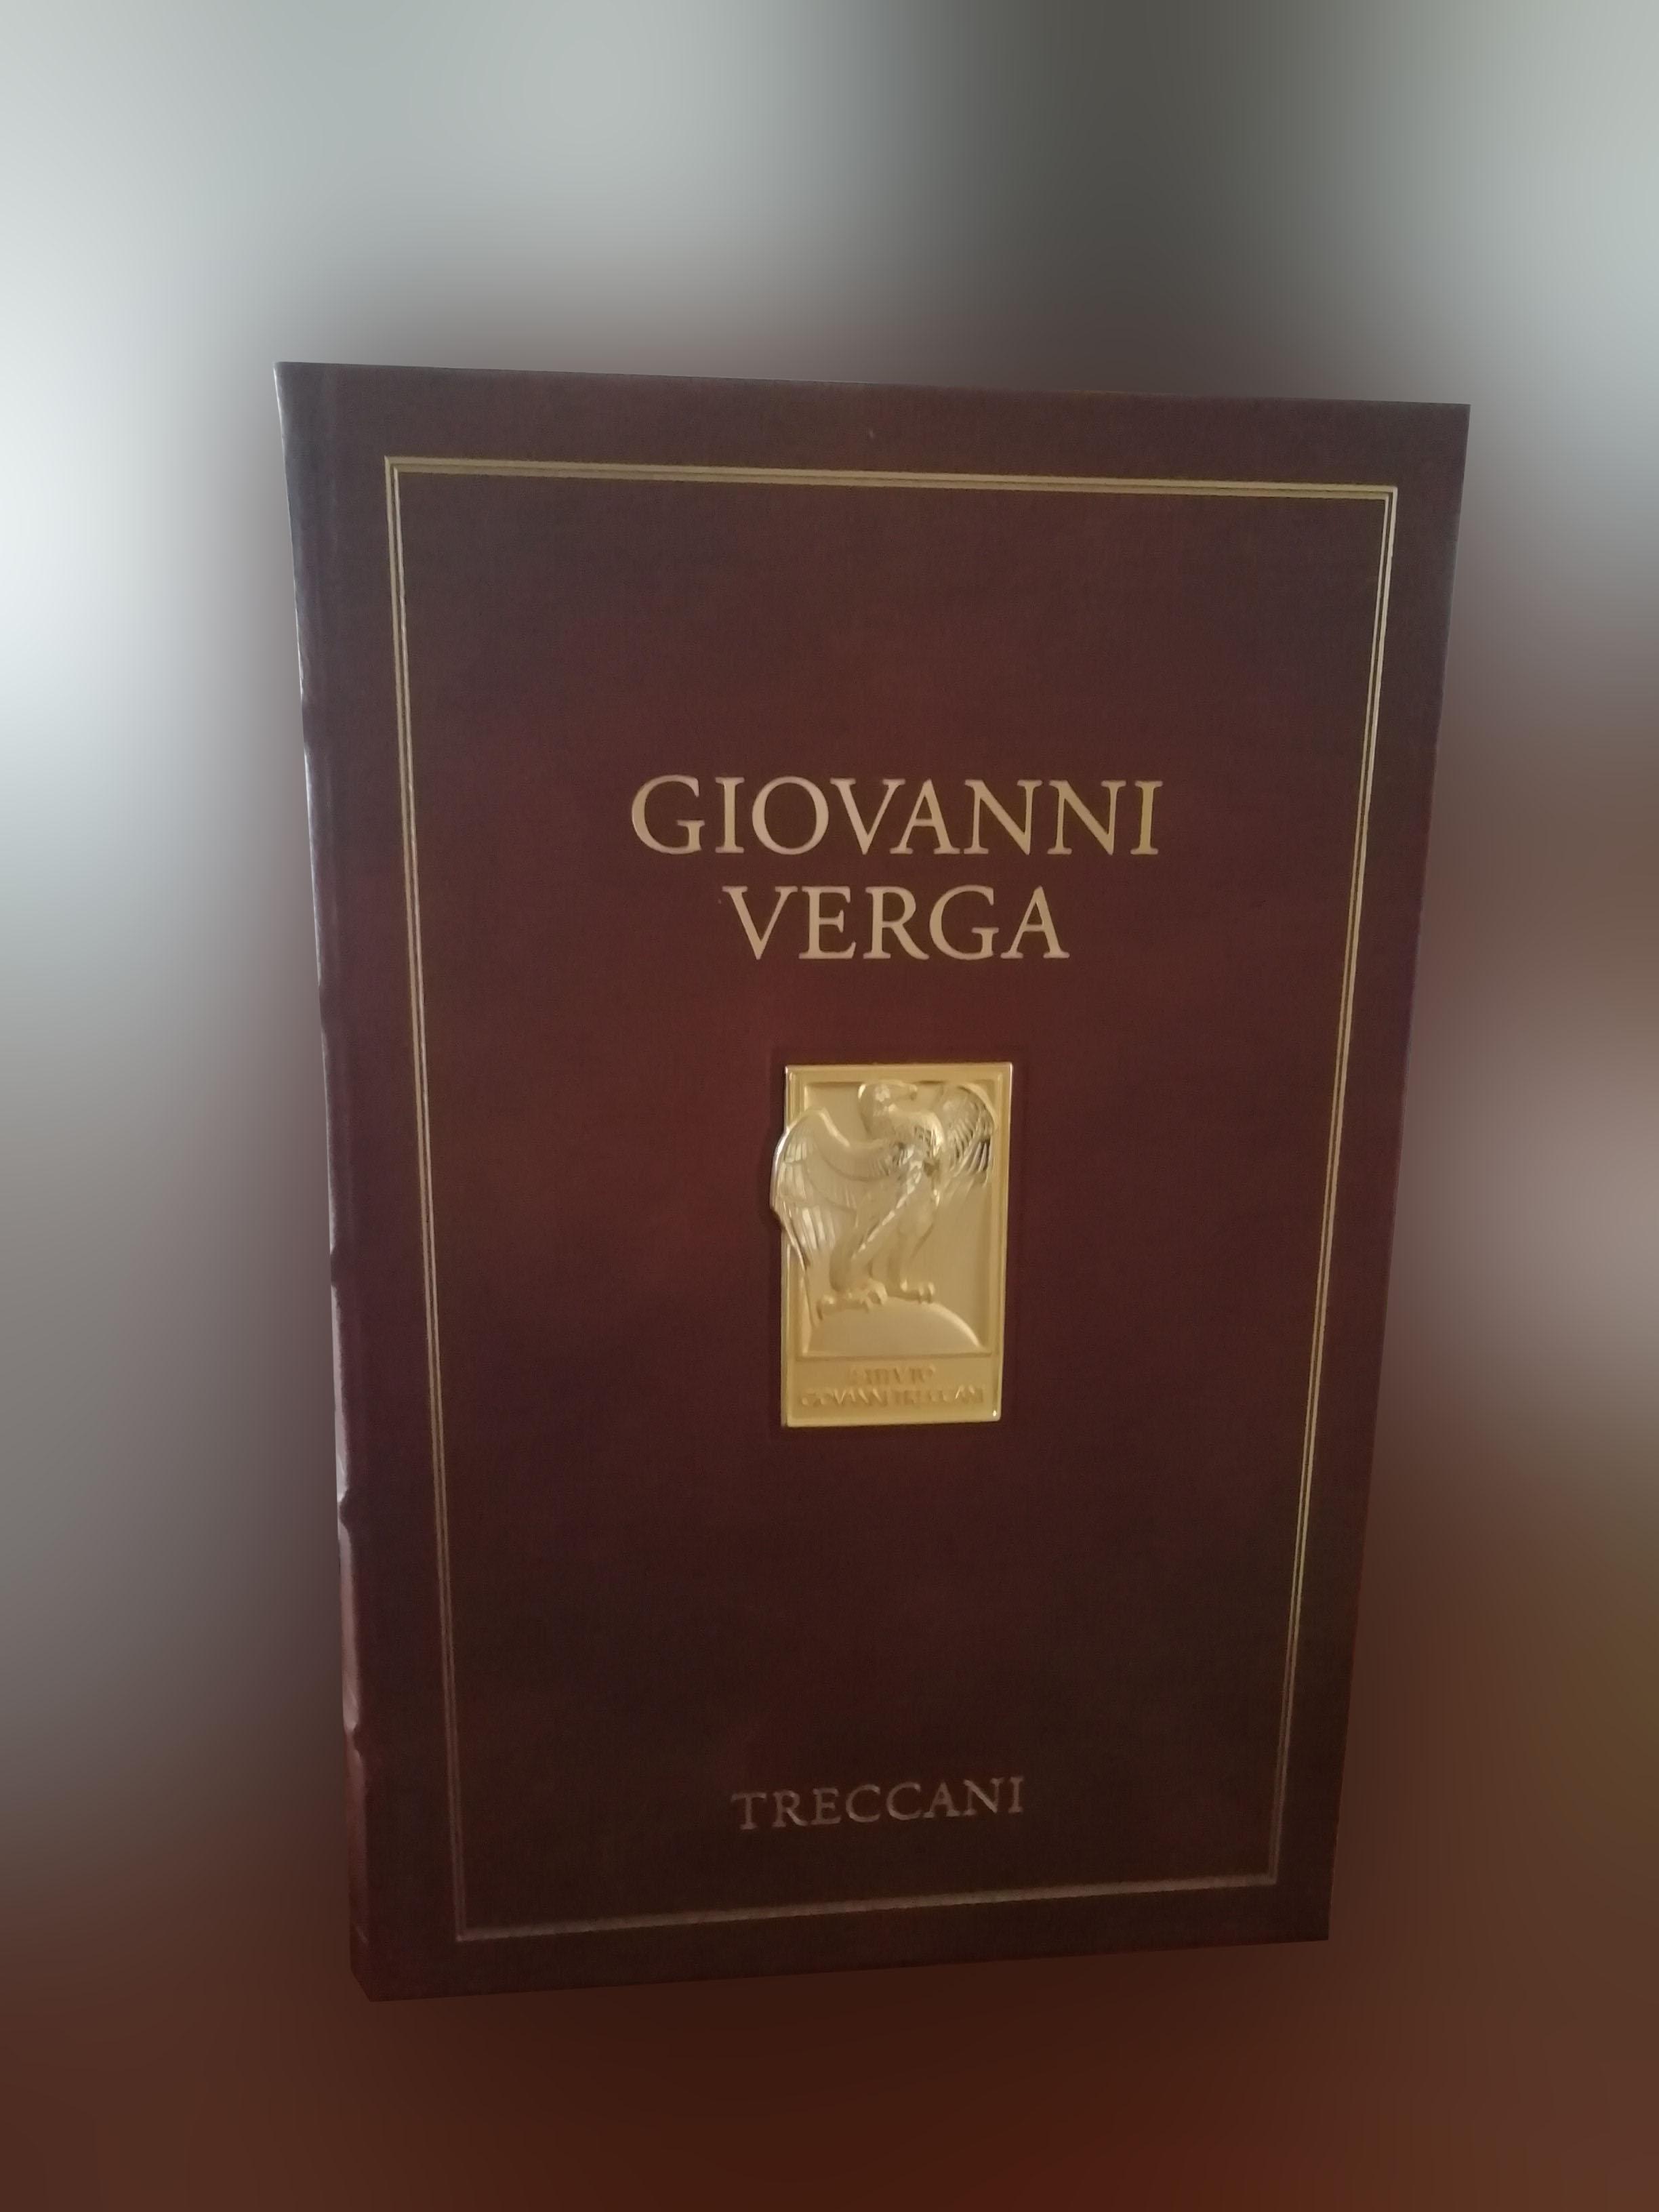 Giovanni Verga – Treccani